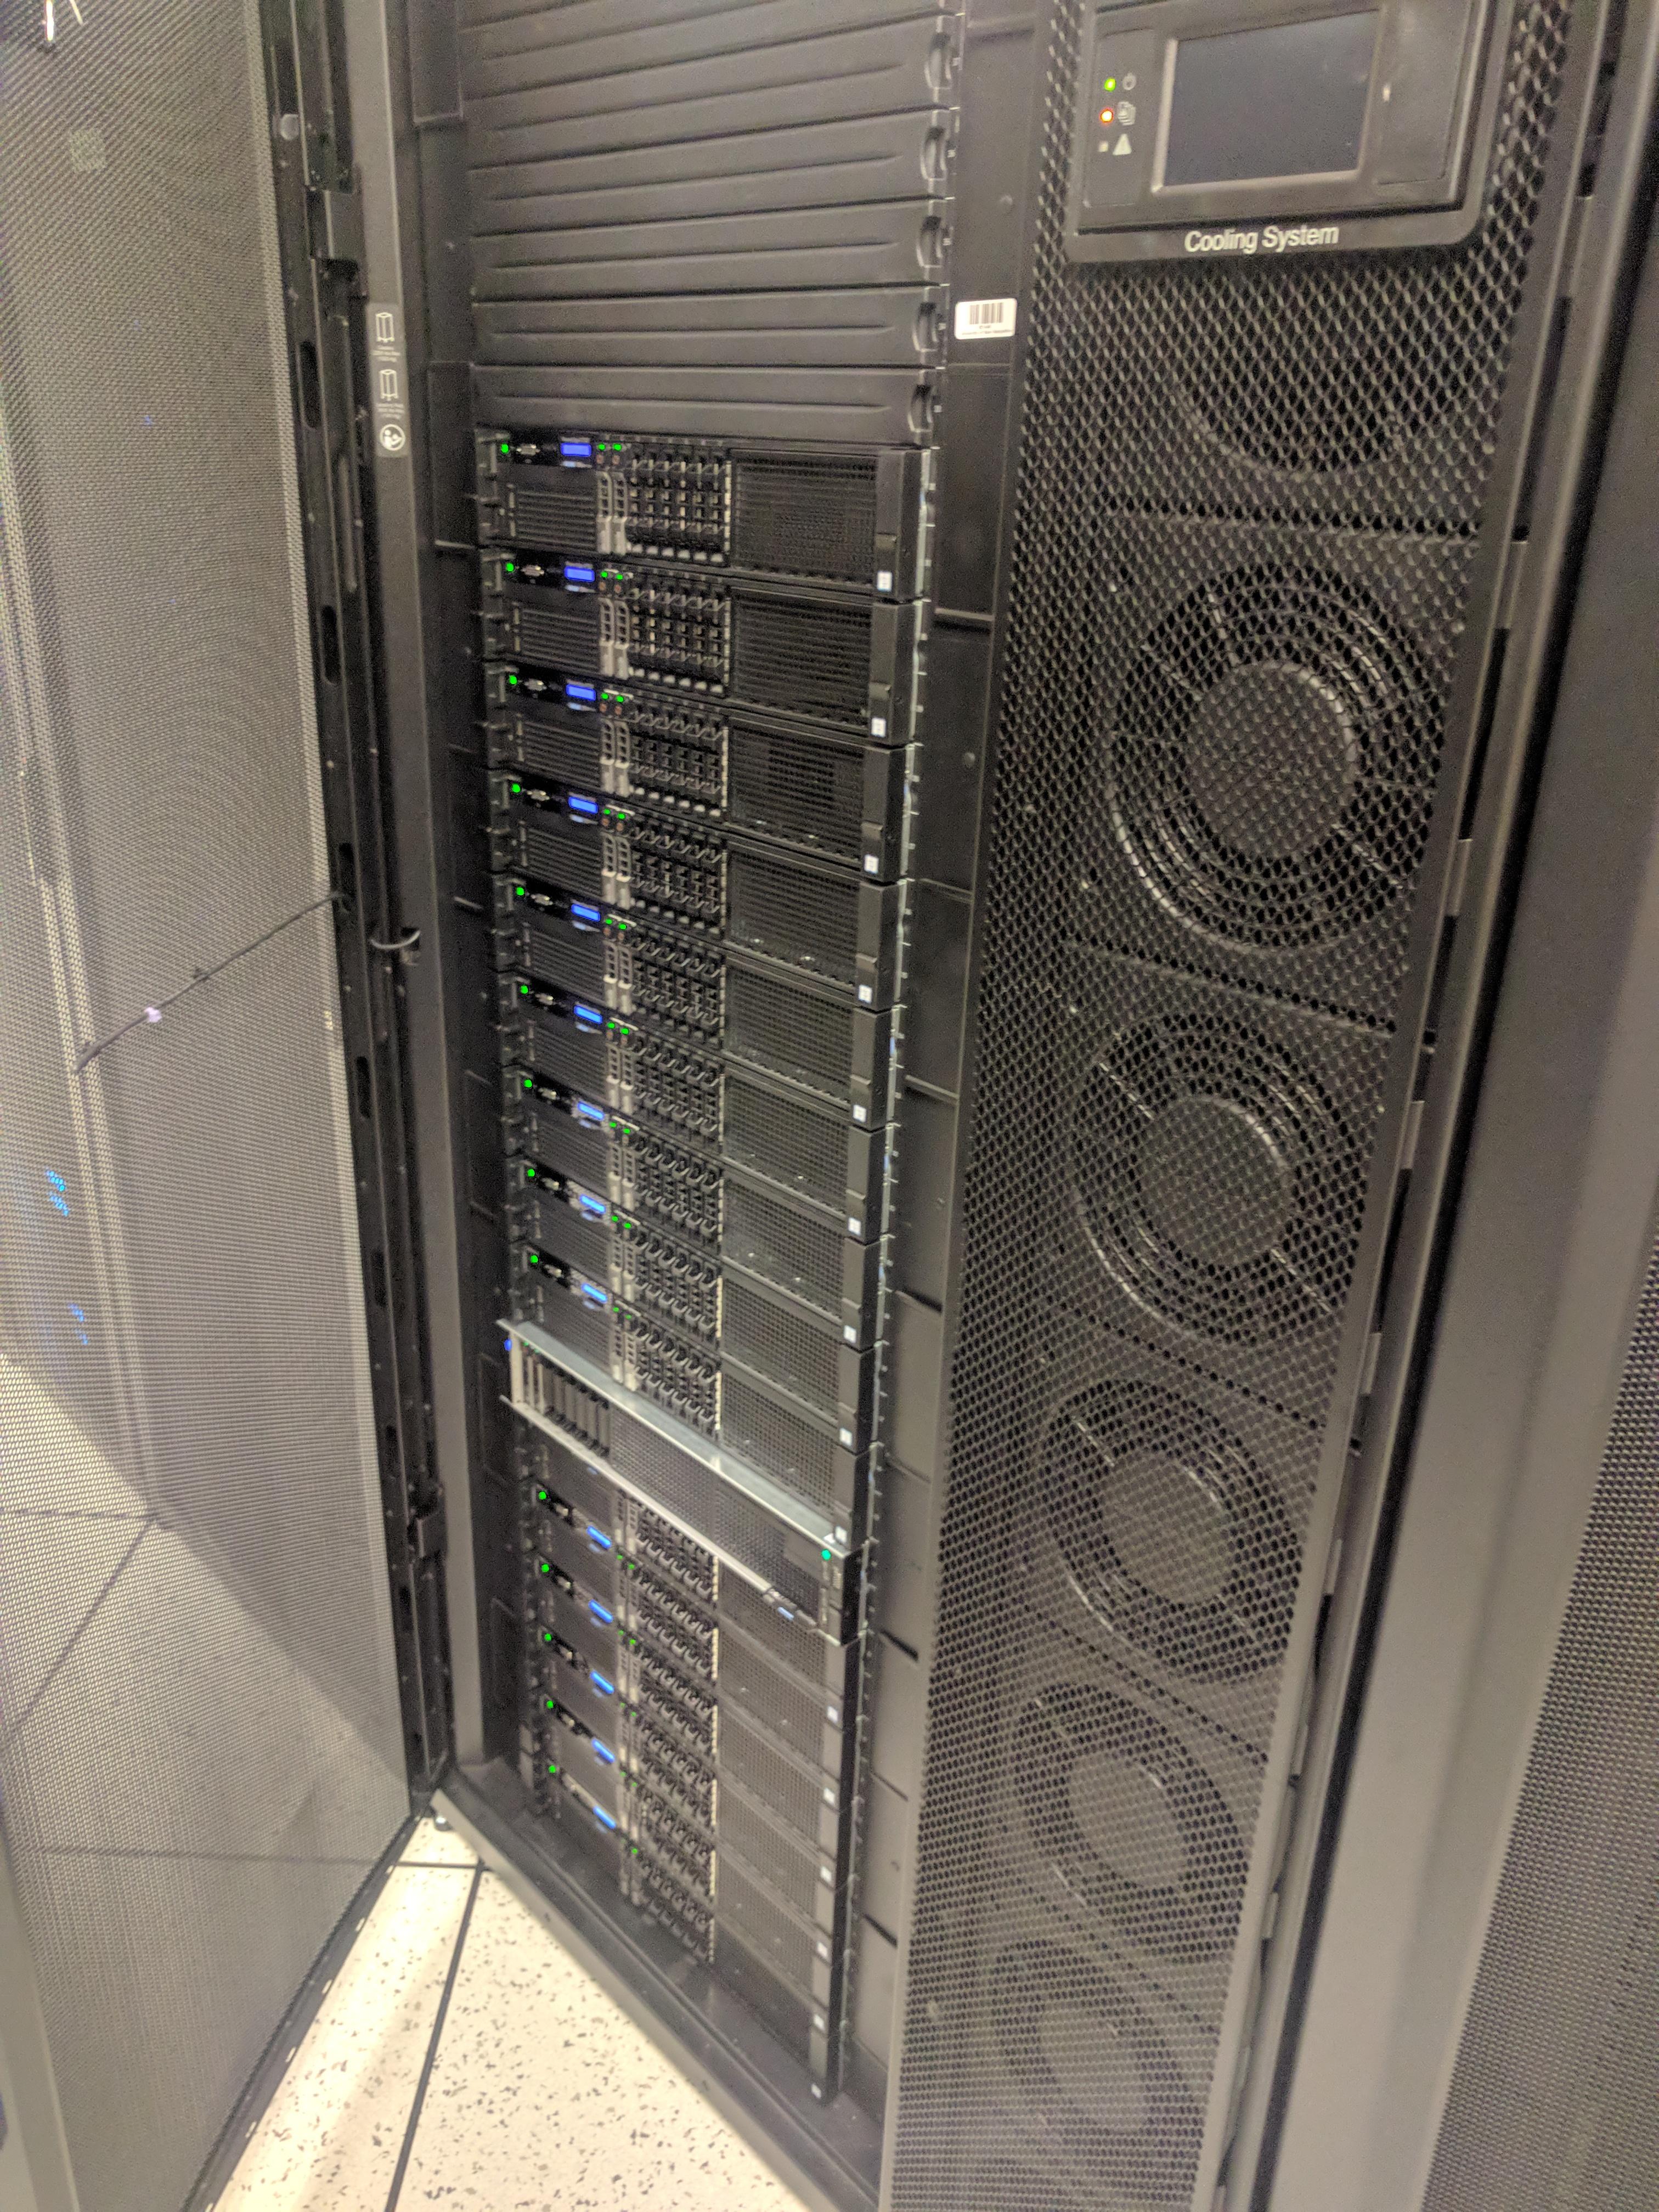 RCC data center image